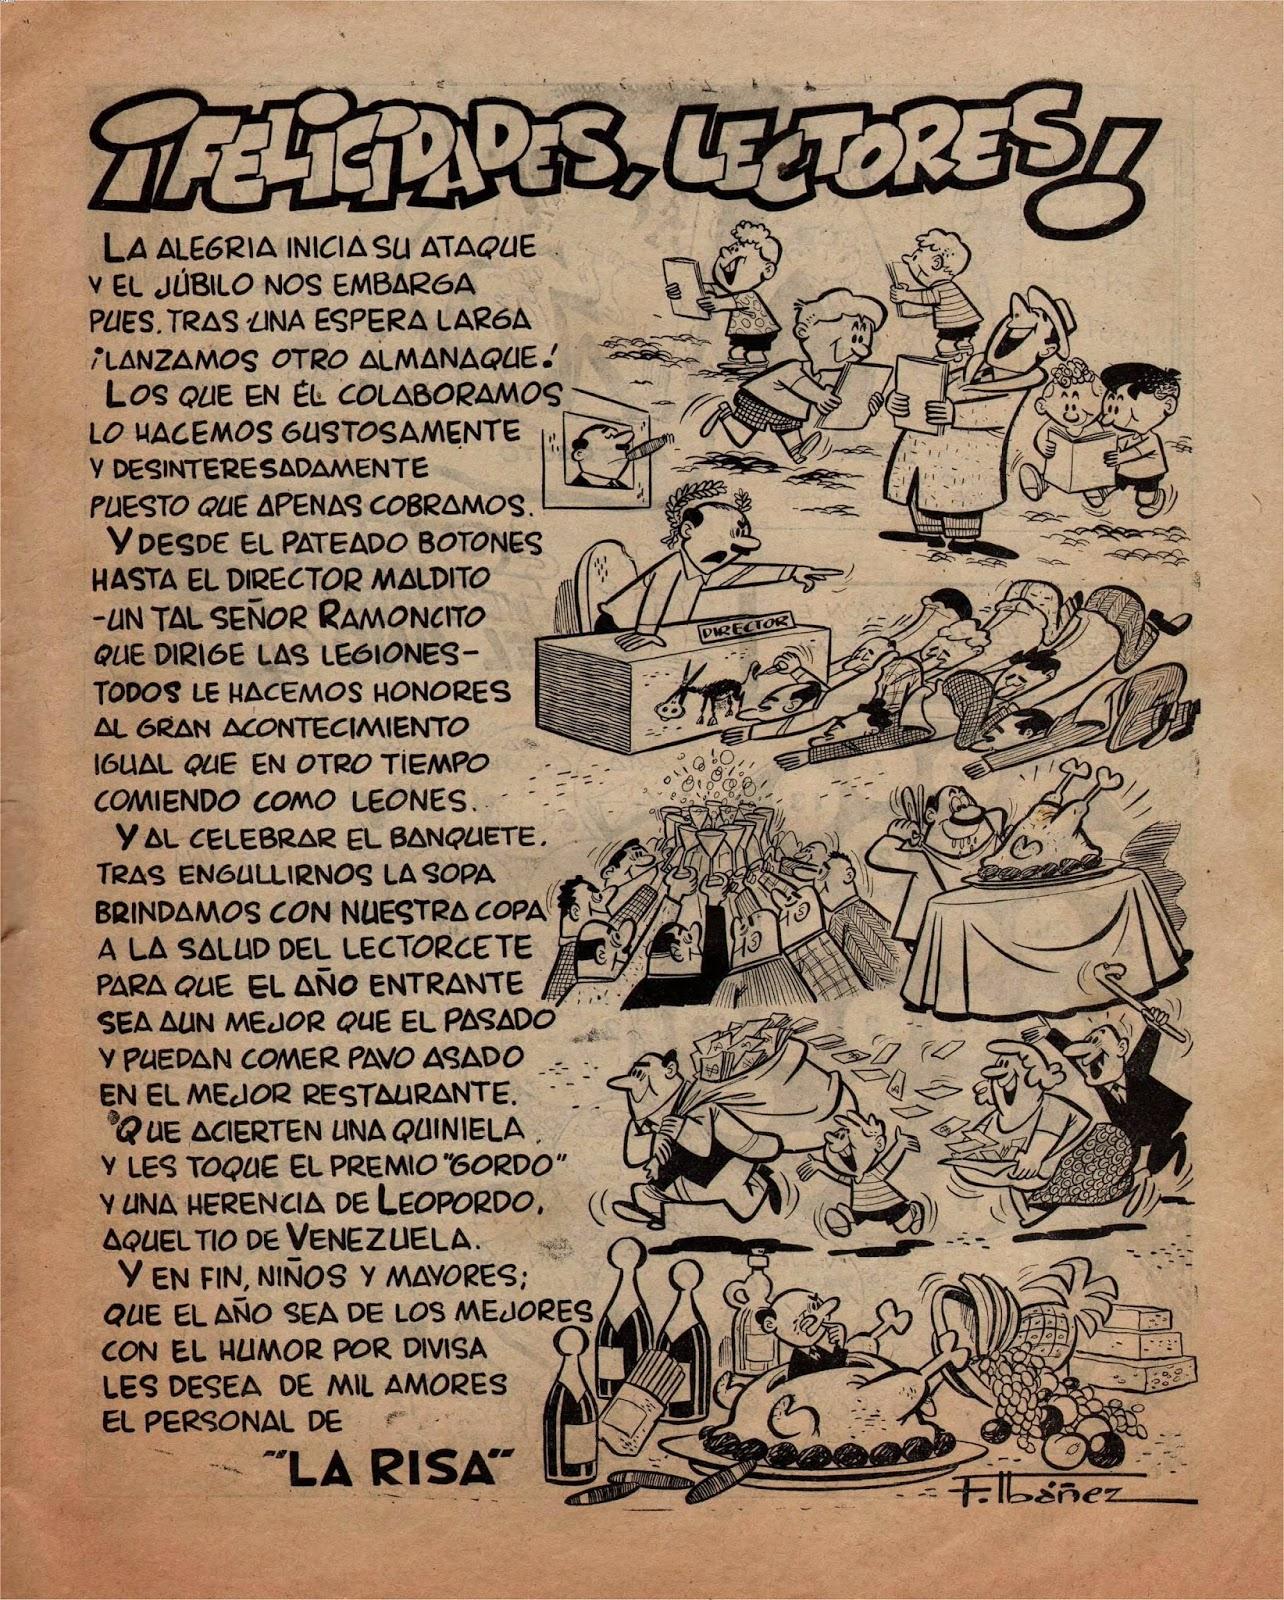 Felicidades lectores, la Risa Almanaque 1958